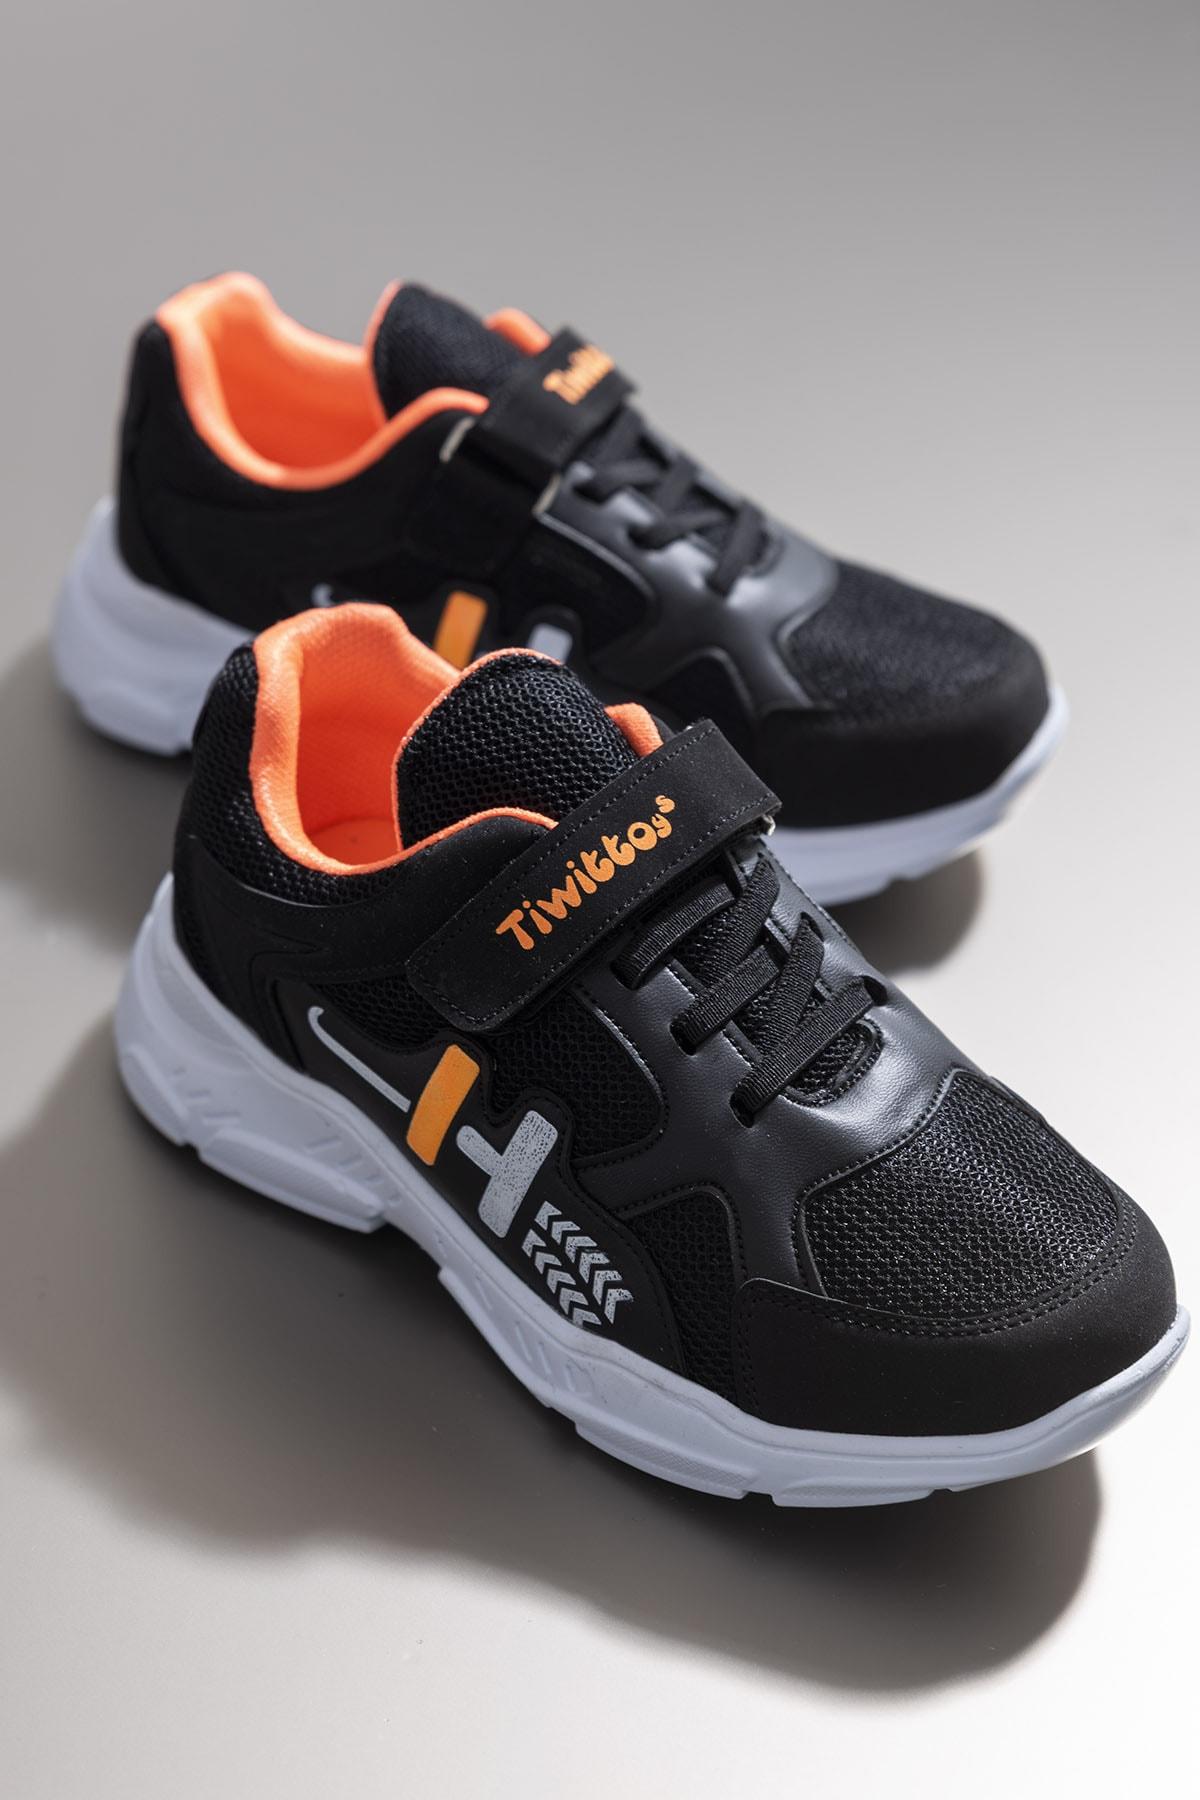 Tonny Black Siyah Turuncu Erkek Çocuk Sneaker TBZ13-3 0